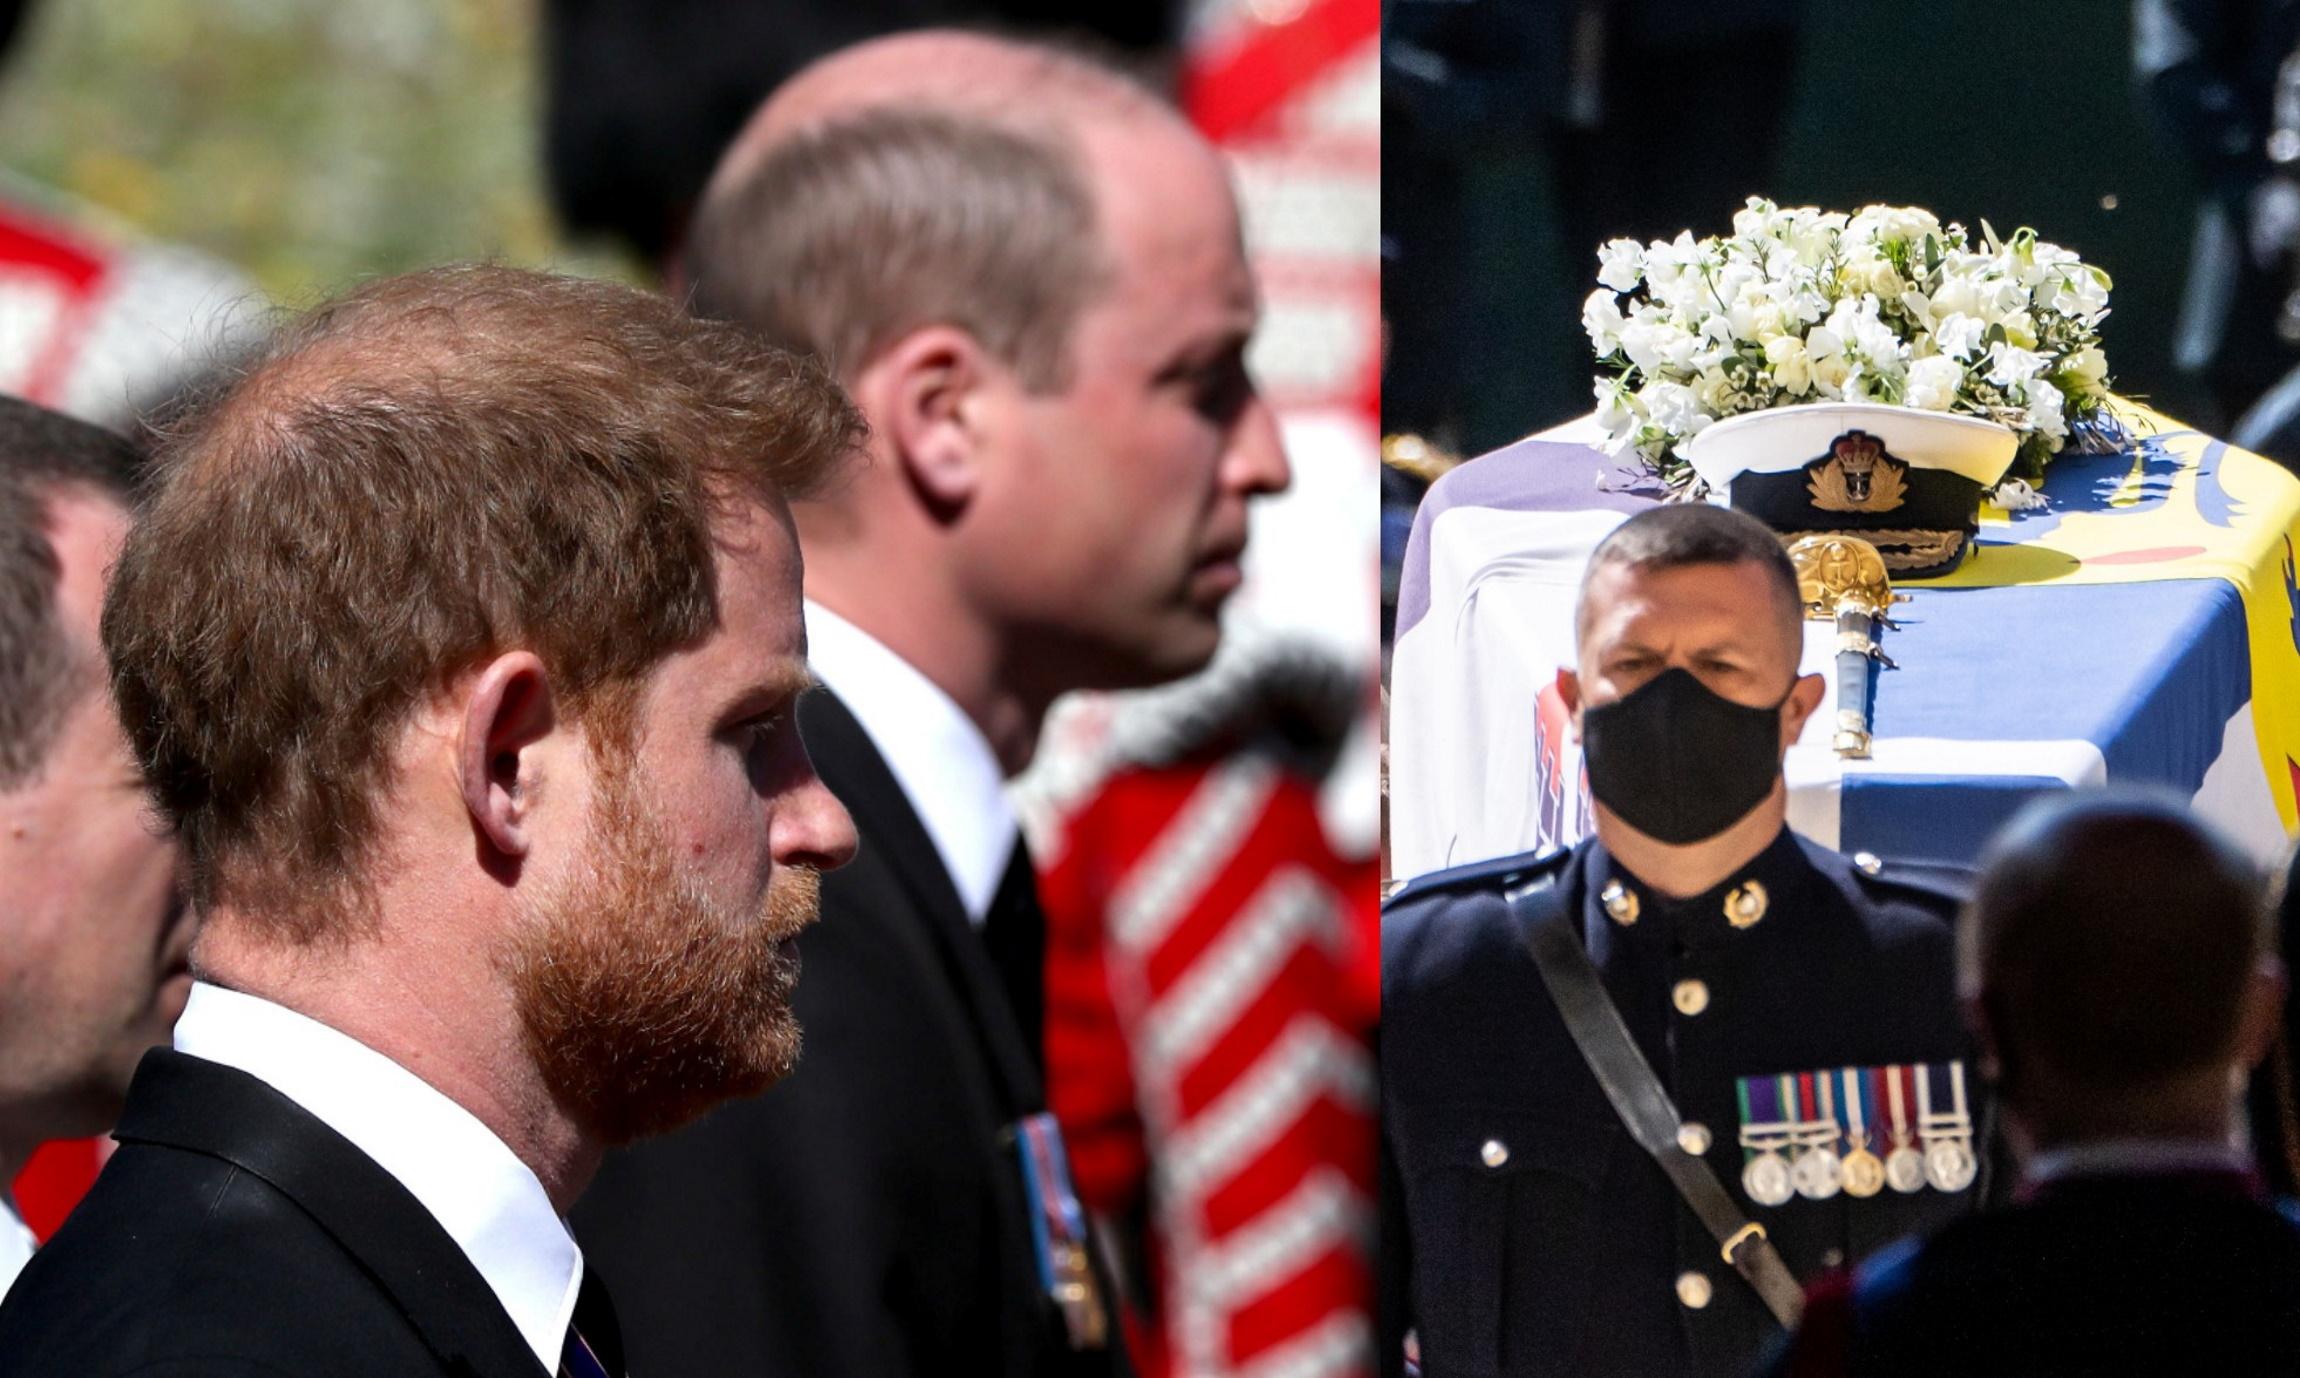 Πρίγκιπας Φίλιππος: Συγκίνηση στην κηδεία του ανθρώπου που ήθελε να γίνει Βασιλιάς